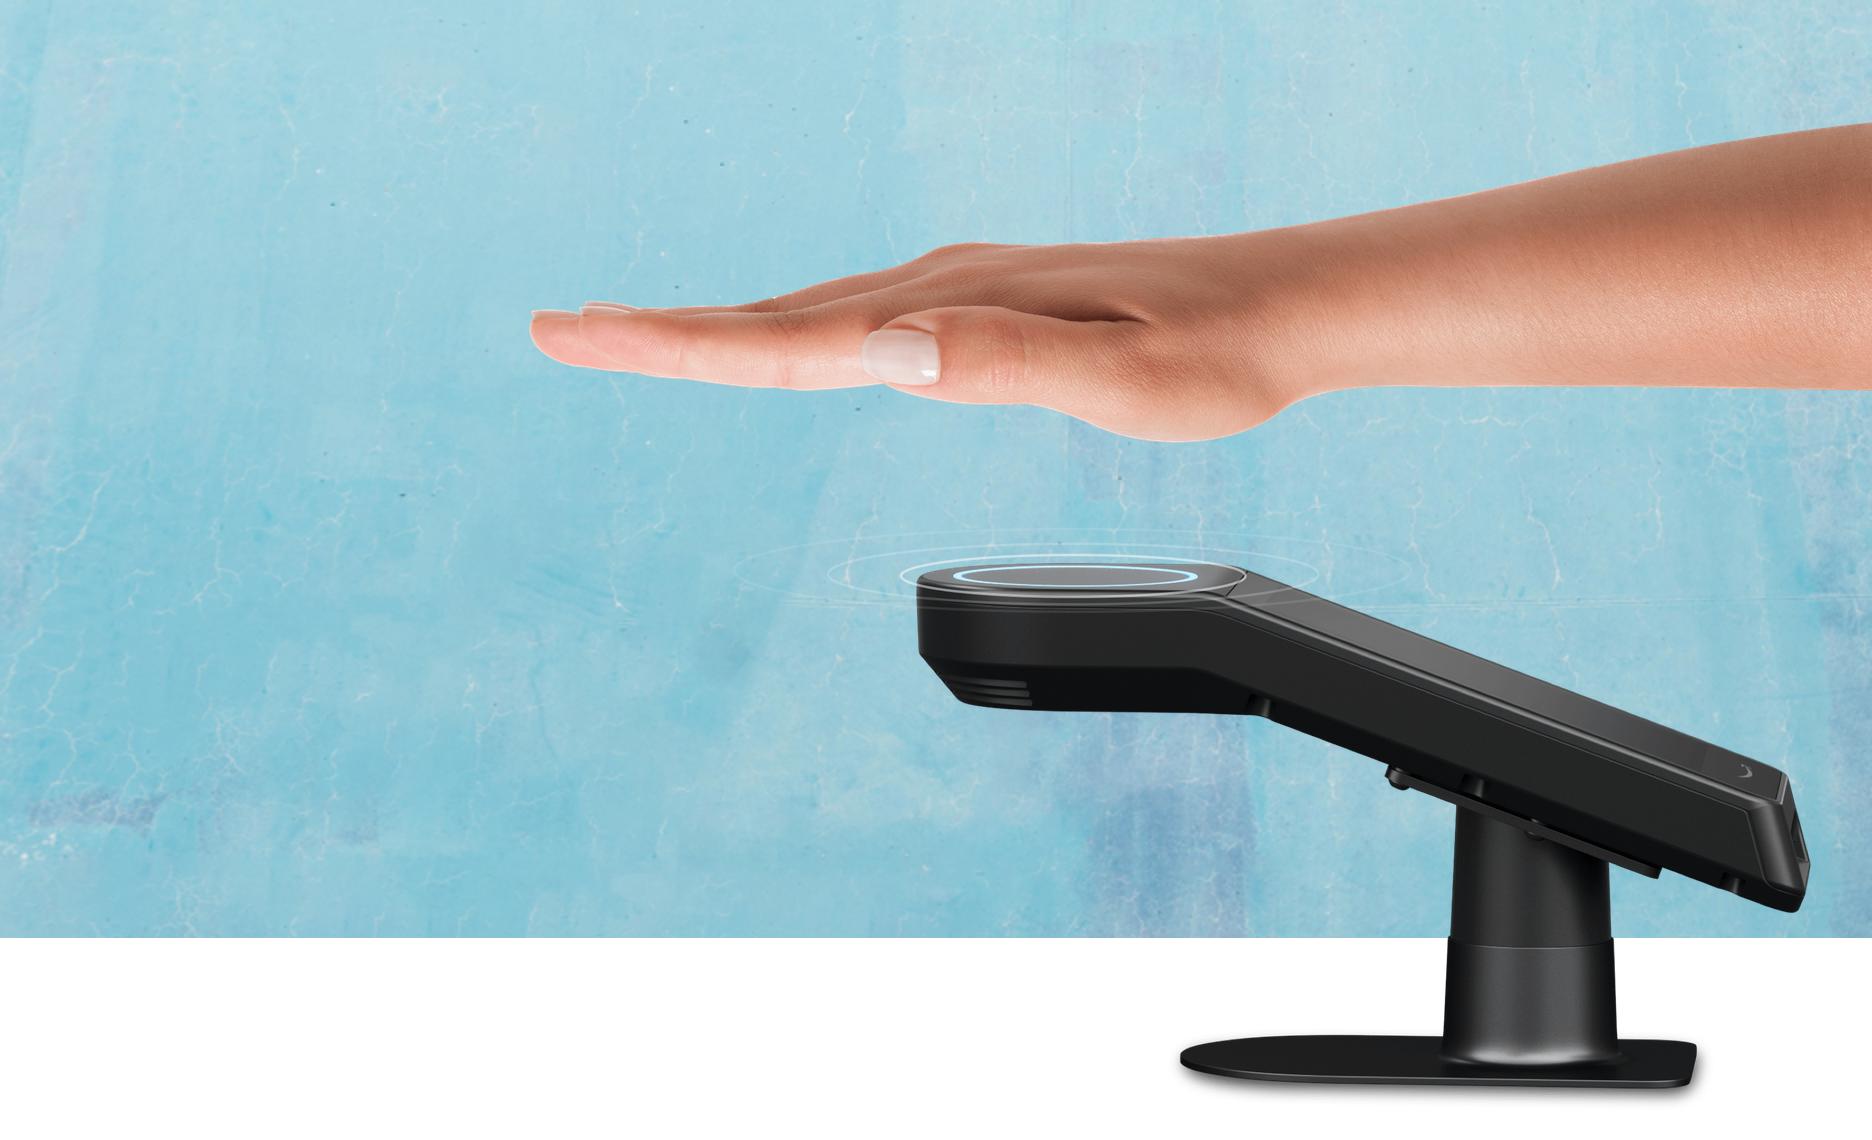 Amazon One obiecuje wygodne płatności dłonią. Pionierów kusi kartą podarunkową